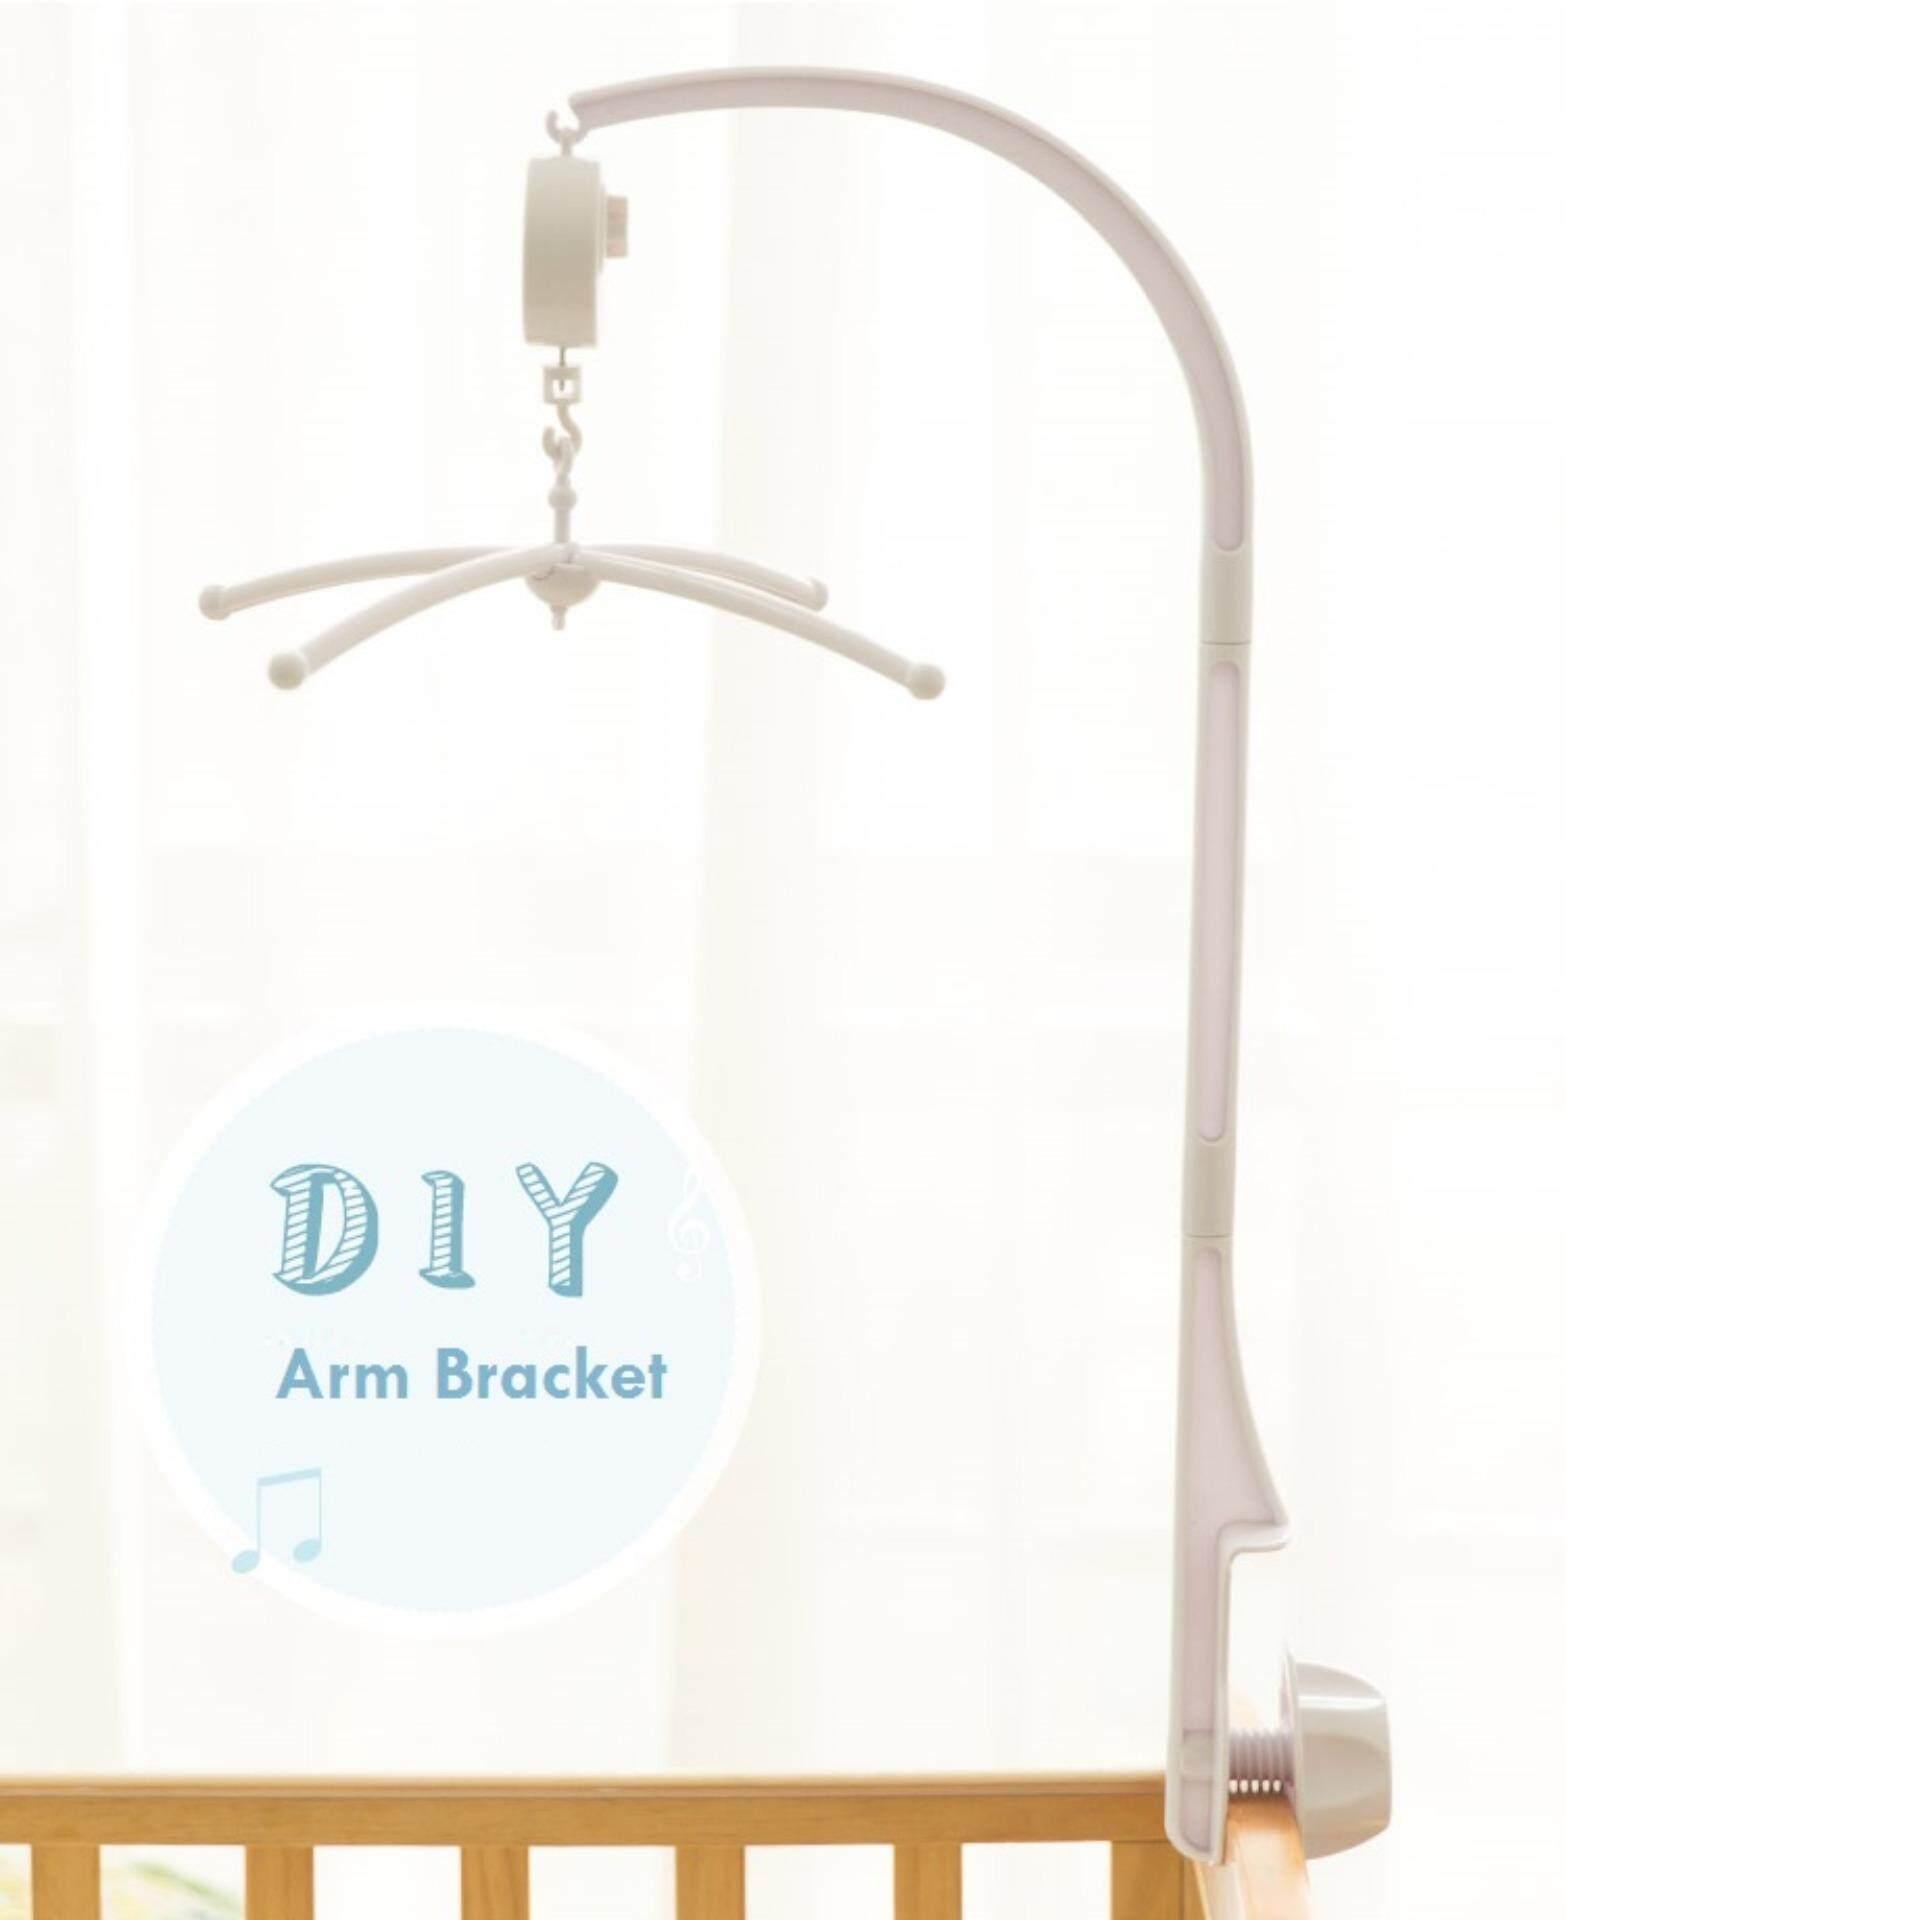 สีขาว 4 ชิ้นเปลเด็กเคลื่อนที่กระดิ่งติดเตียงของเล่นของเล่นเด็กทารก + Wind - Up กล่องดนตรี (intl) - Intl.